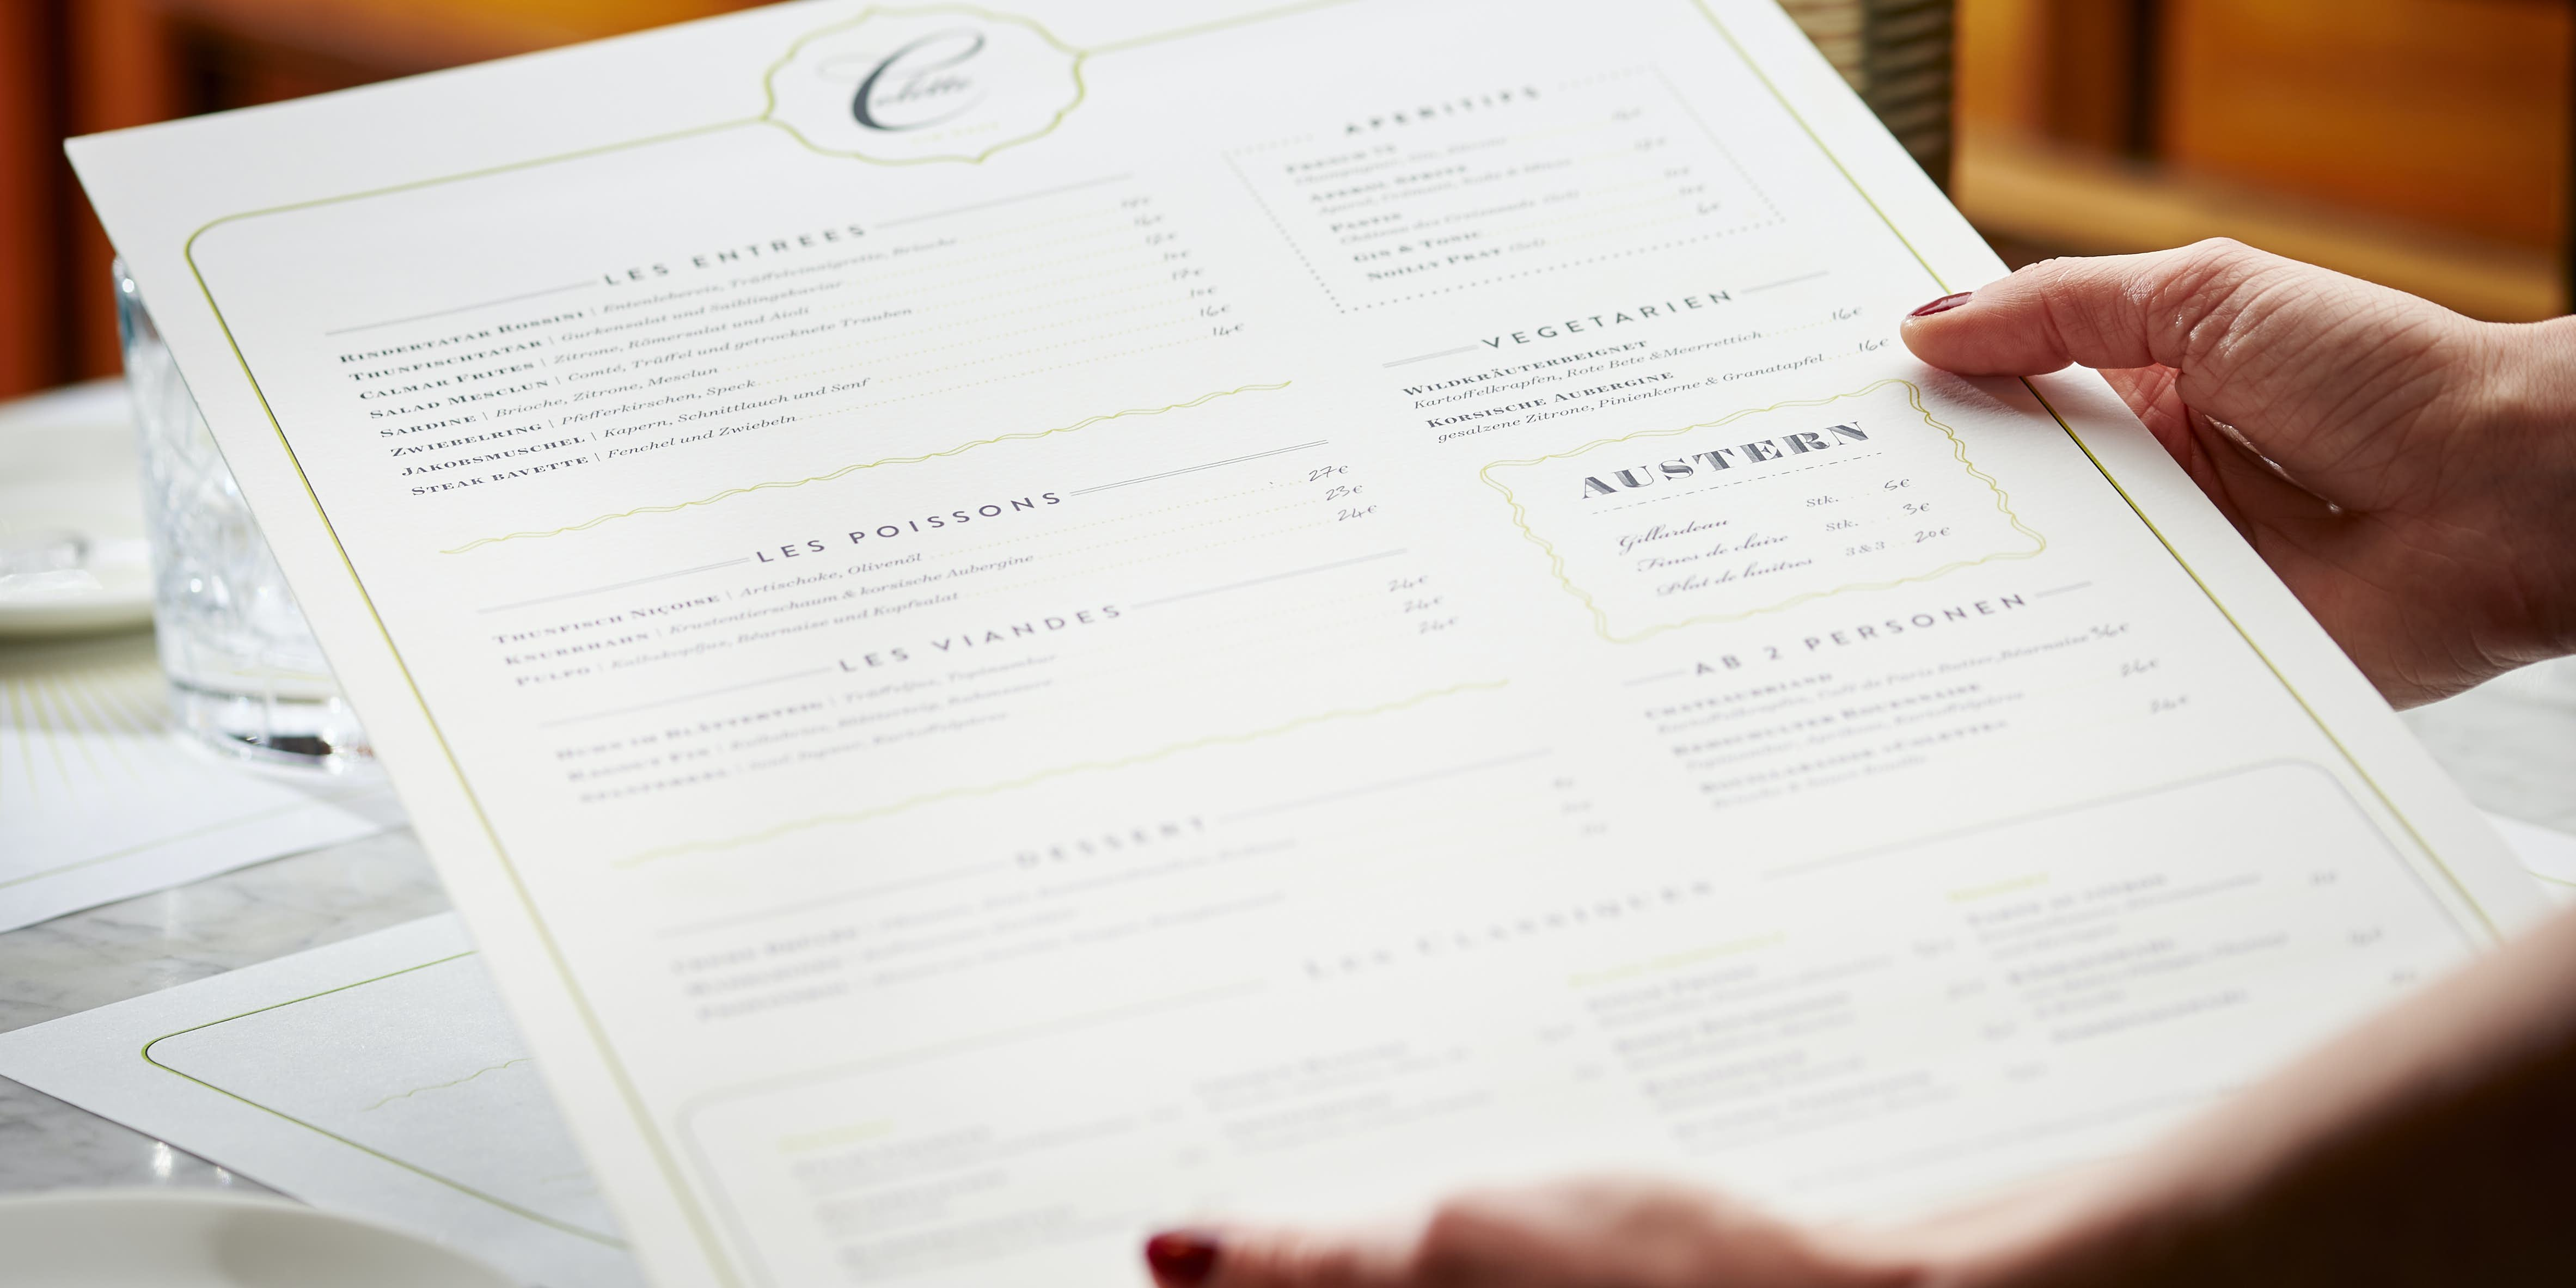 Brasserie Colette Konstanz - Speisekarte mit modern interpretierten französischen Gerichten à la Tim Raue